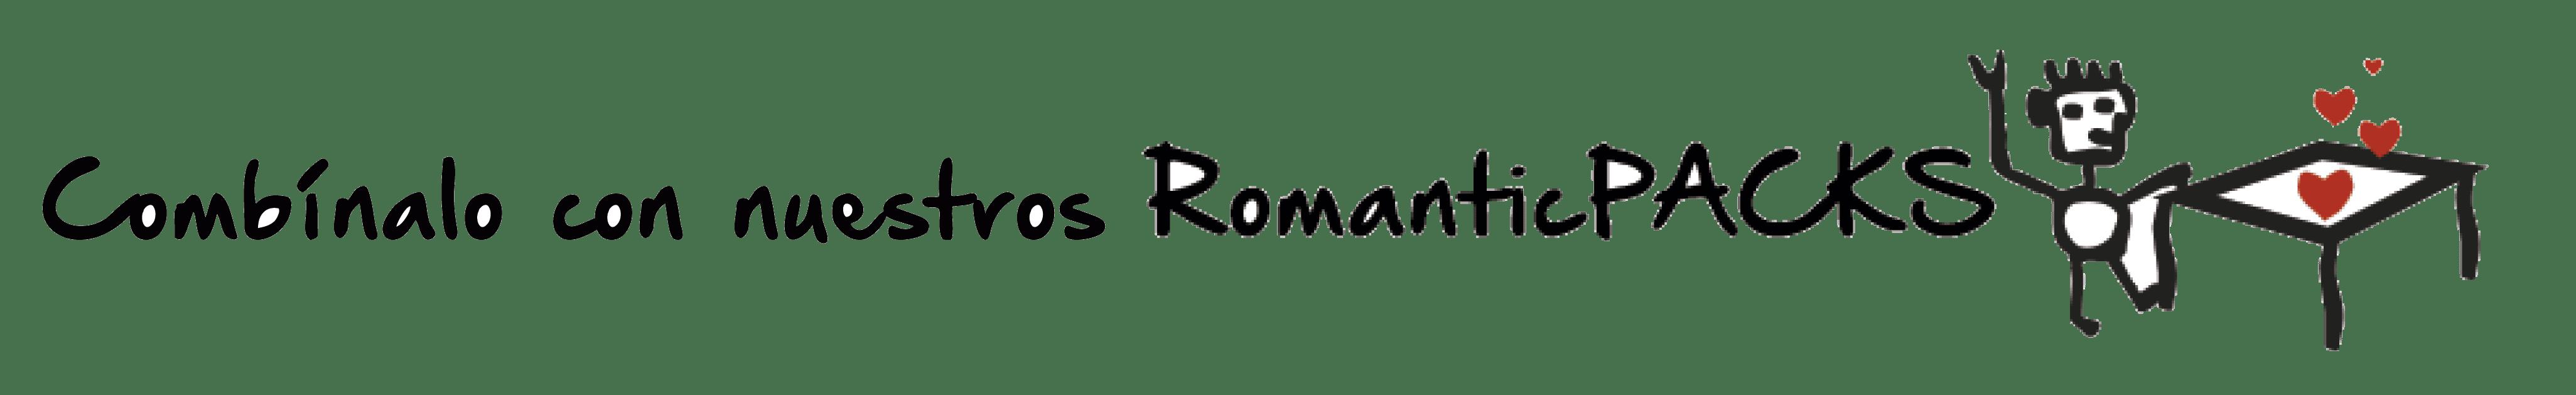 Pack romanticos